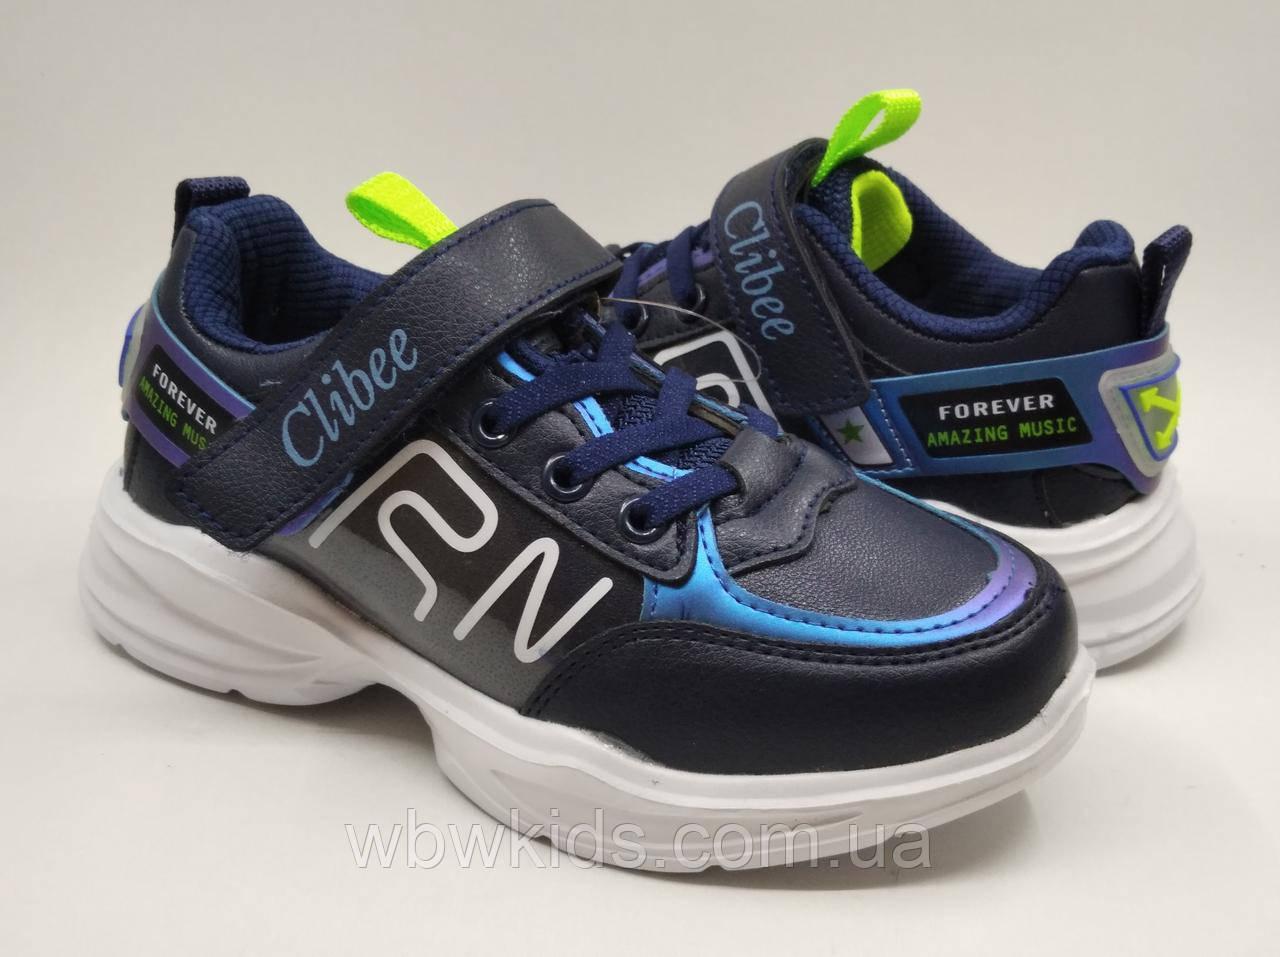 Кросівки дитячі Clibee L-158 для хлопчика сині